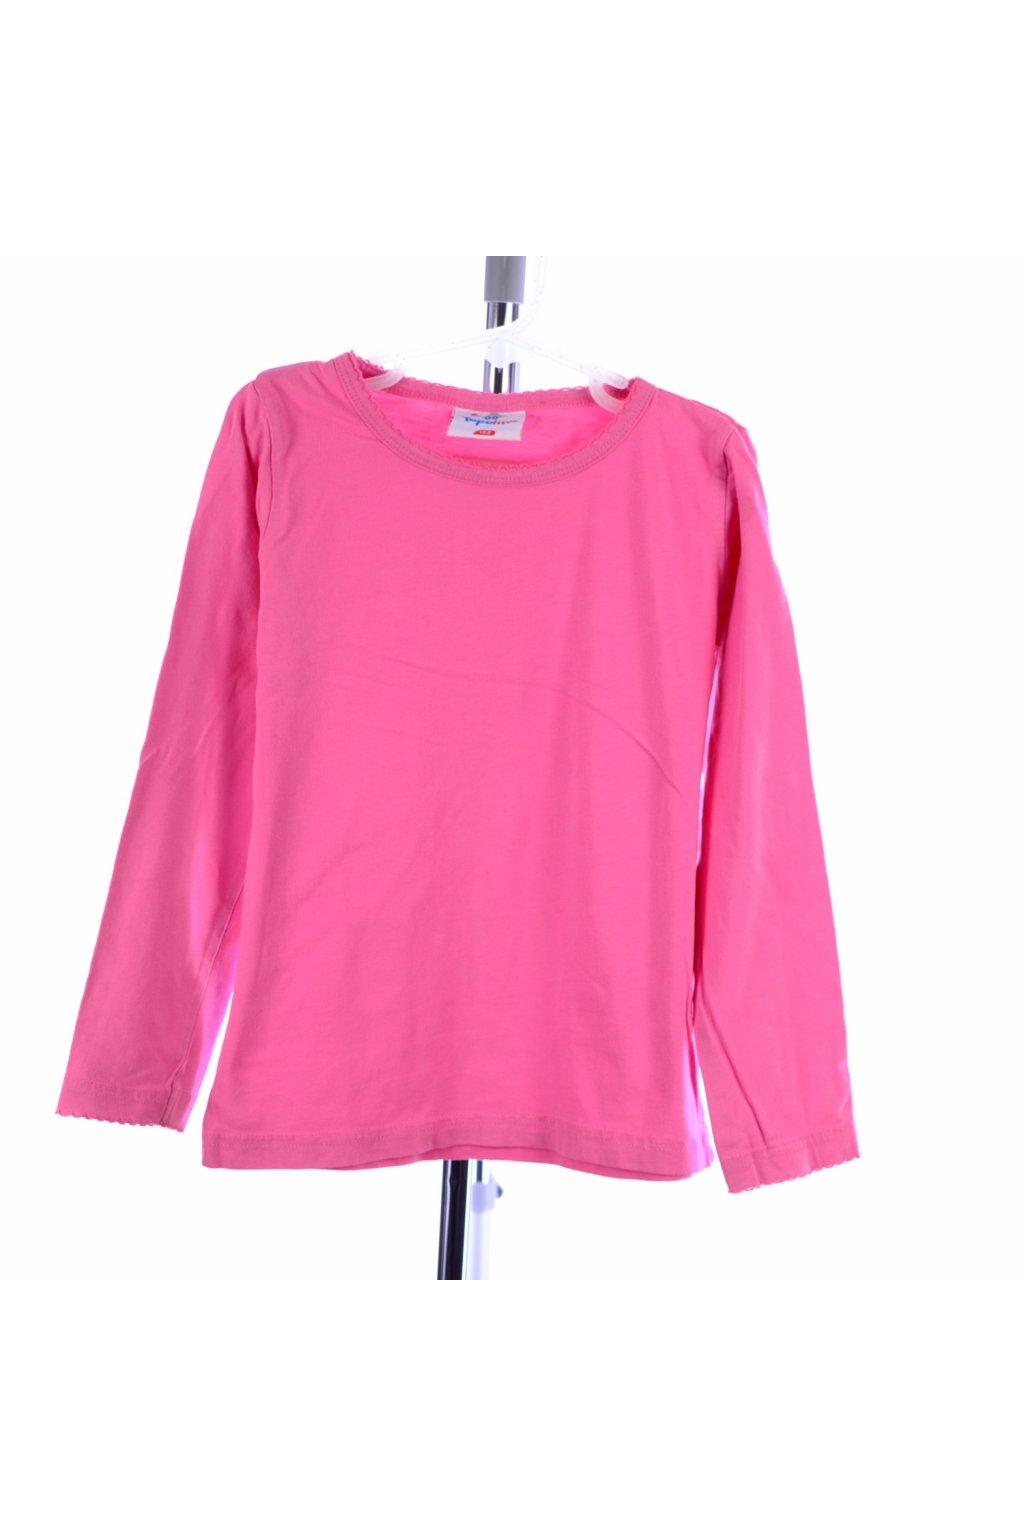 Tričko růžové Topolino vel. 122